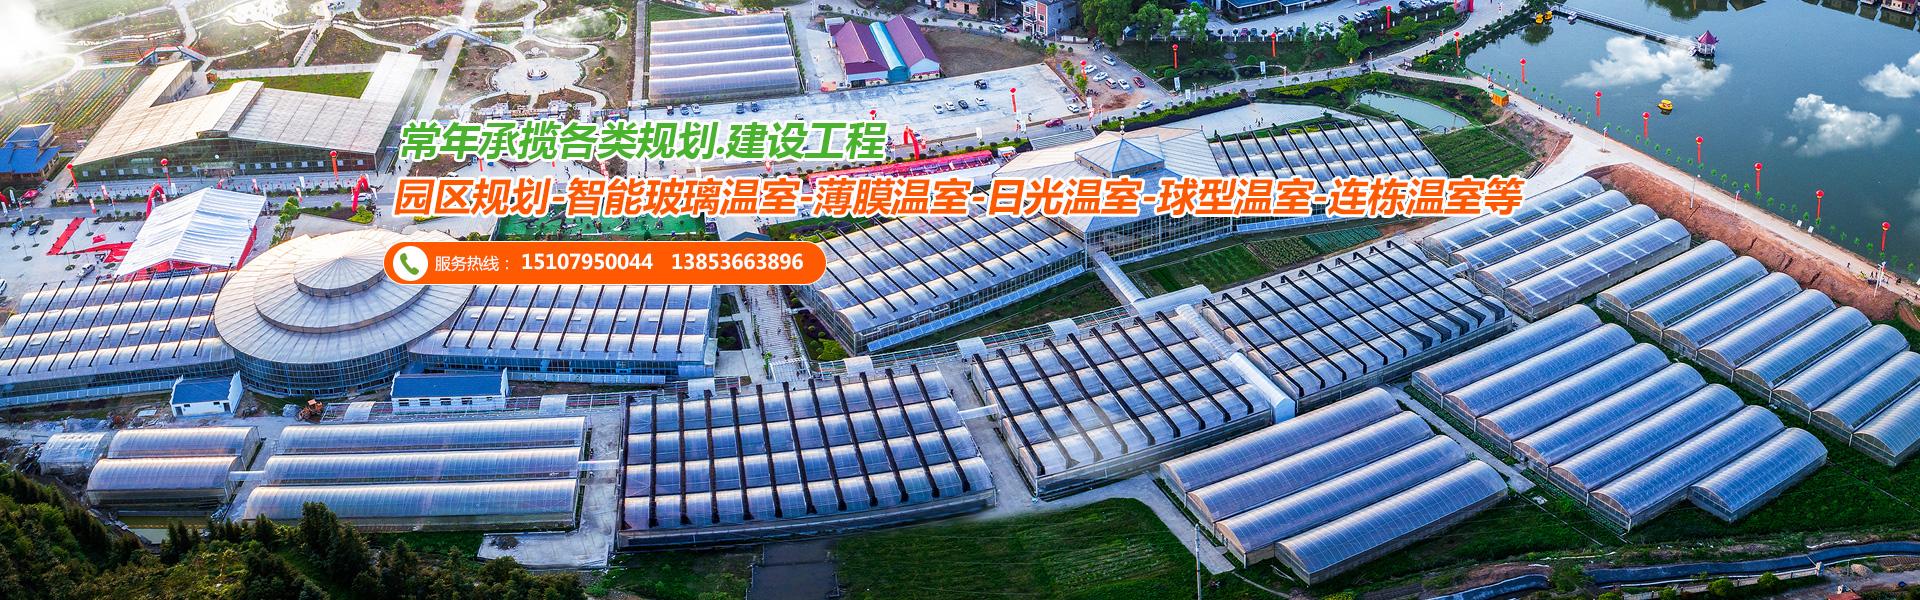 山东园林绿化工程